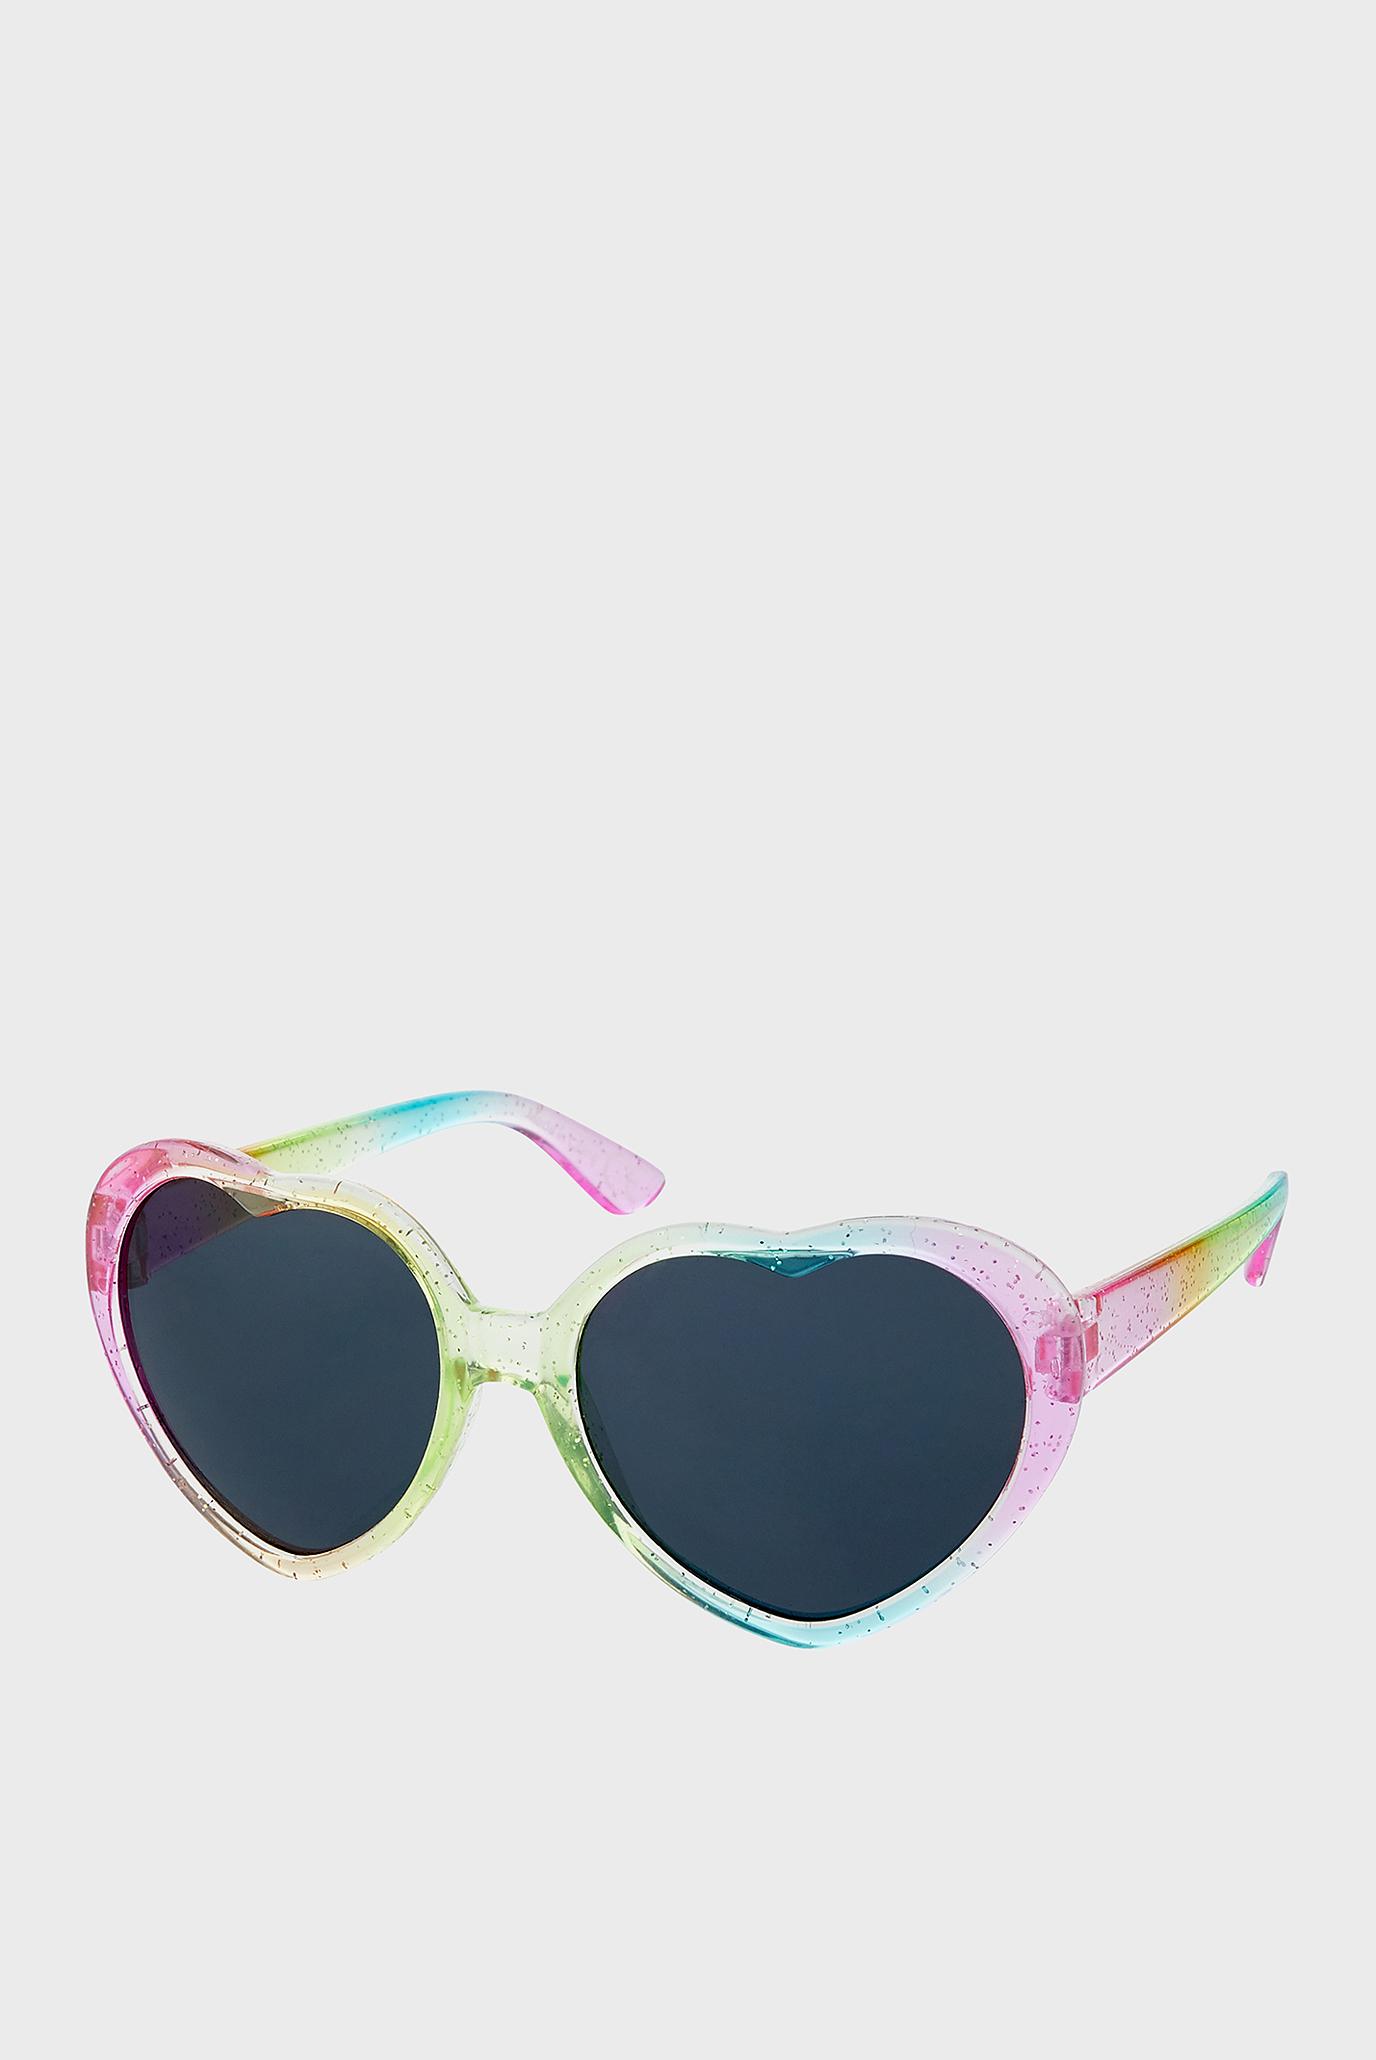 Дитячі сонцезахисні окуляри OMBRE HEART 1